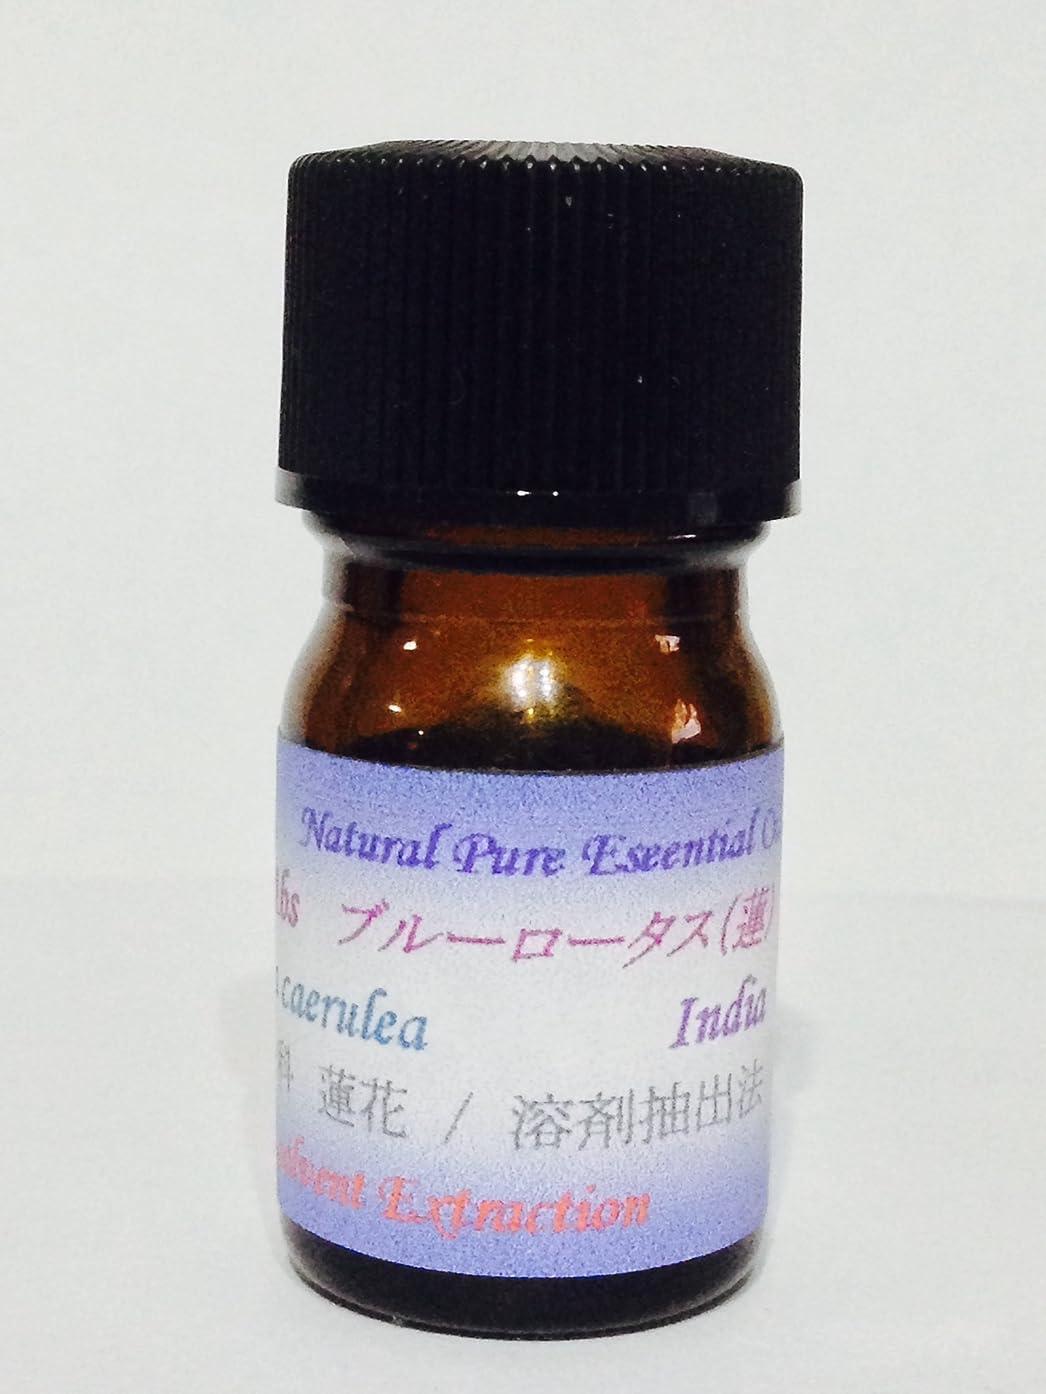 同等のアラブサラボバトルブルーロータスAbs25% (アブソリュード) 天然精油 5ml エセンシャルオイル 天然アロマ